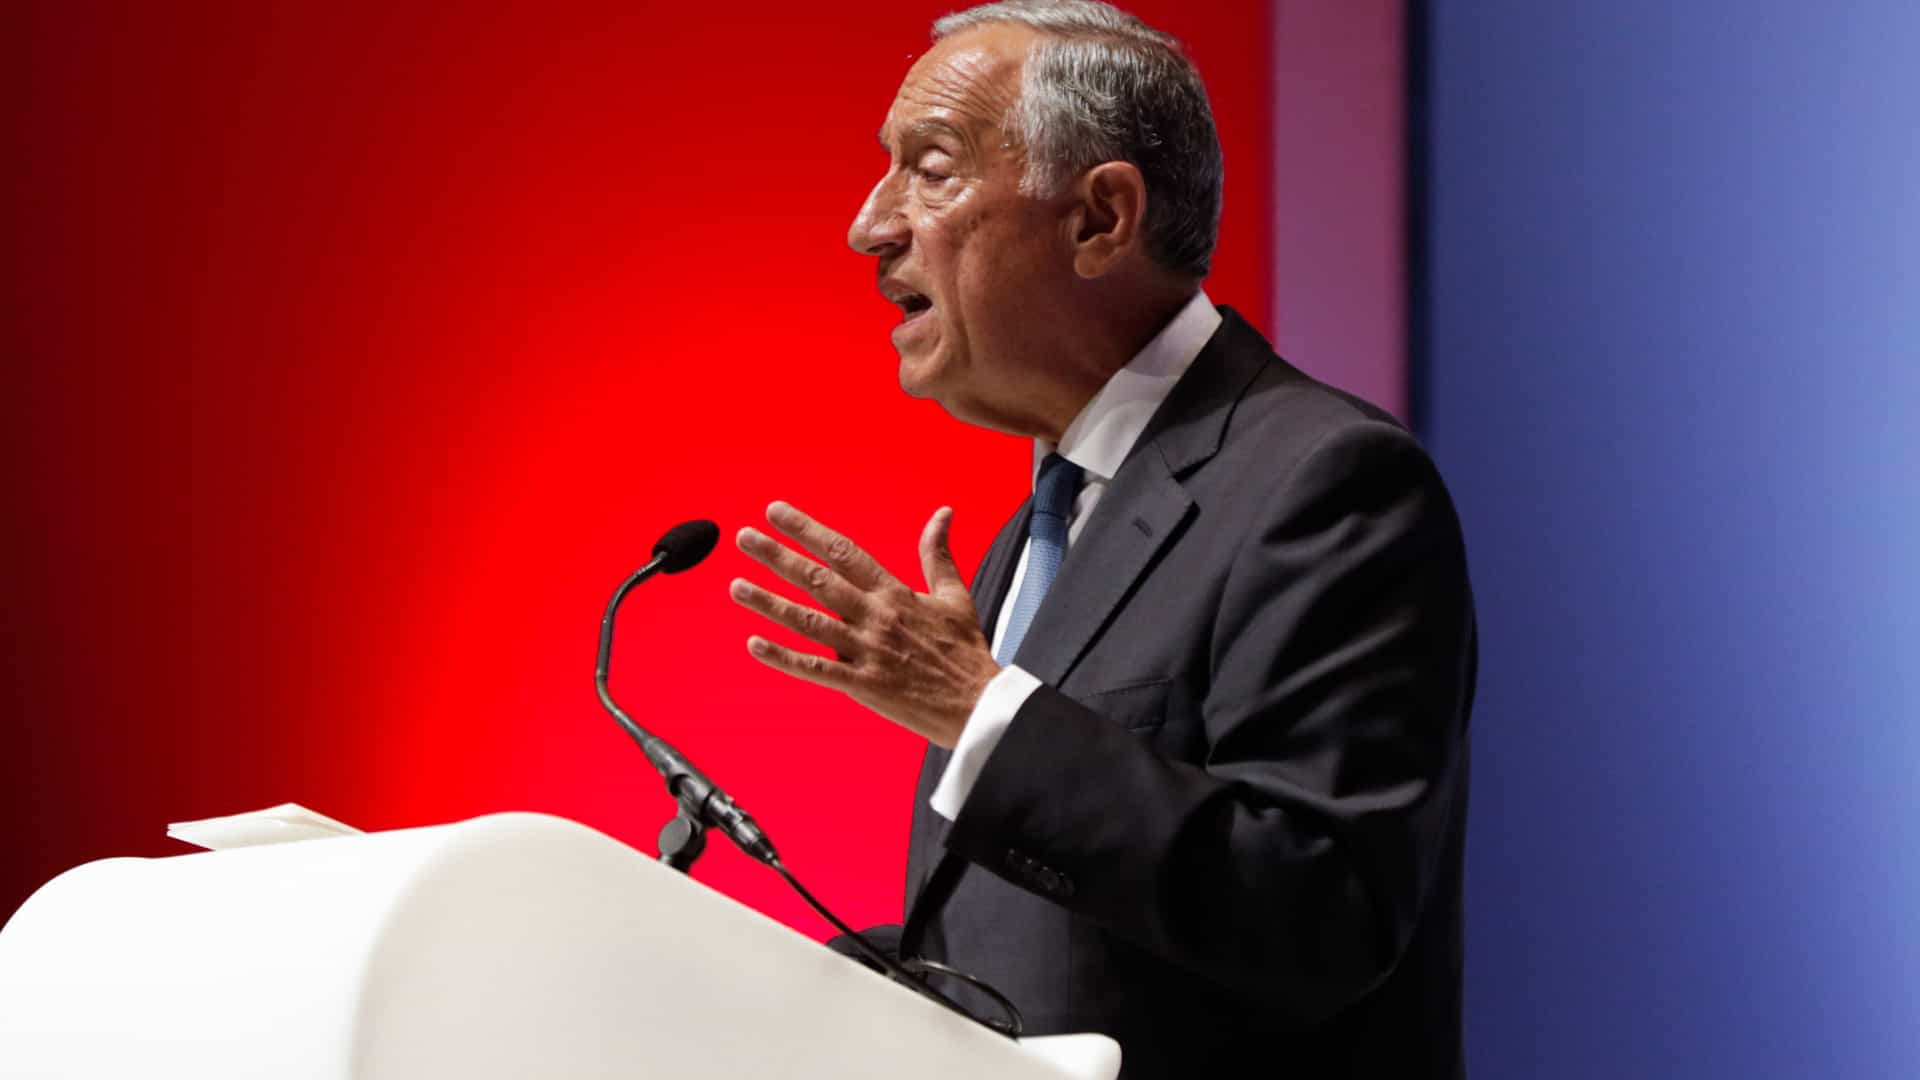 """Marcelo: NATO será """"tema importante"""" na agenda de encontro com Trump"""